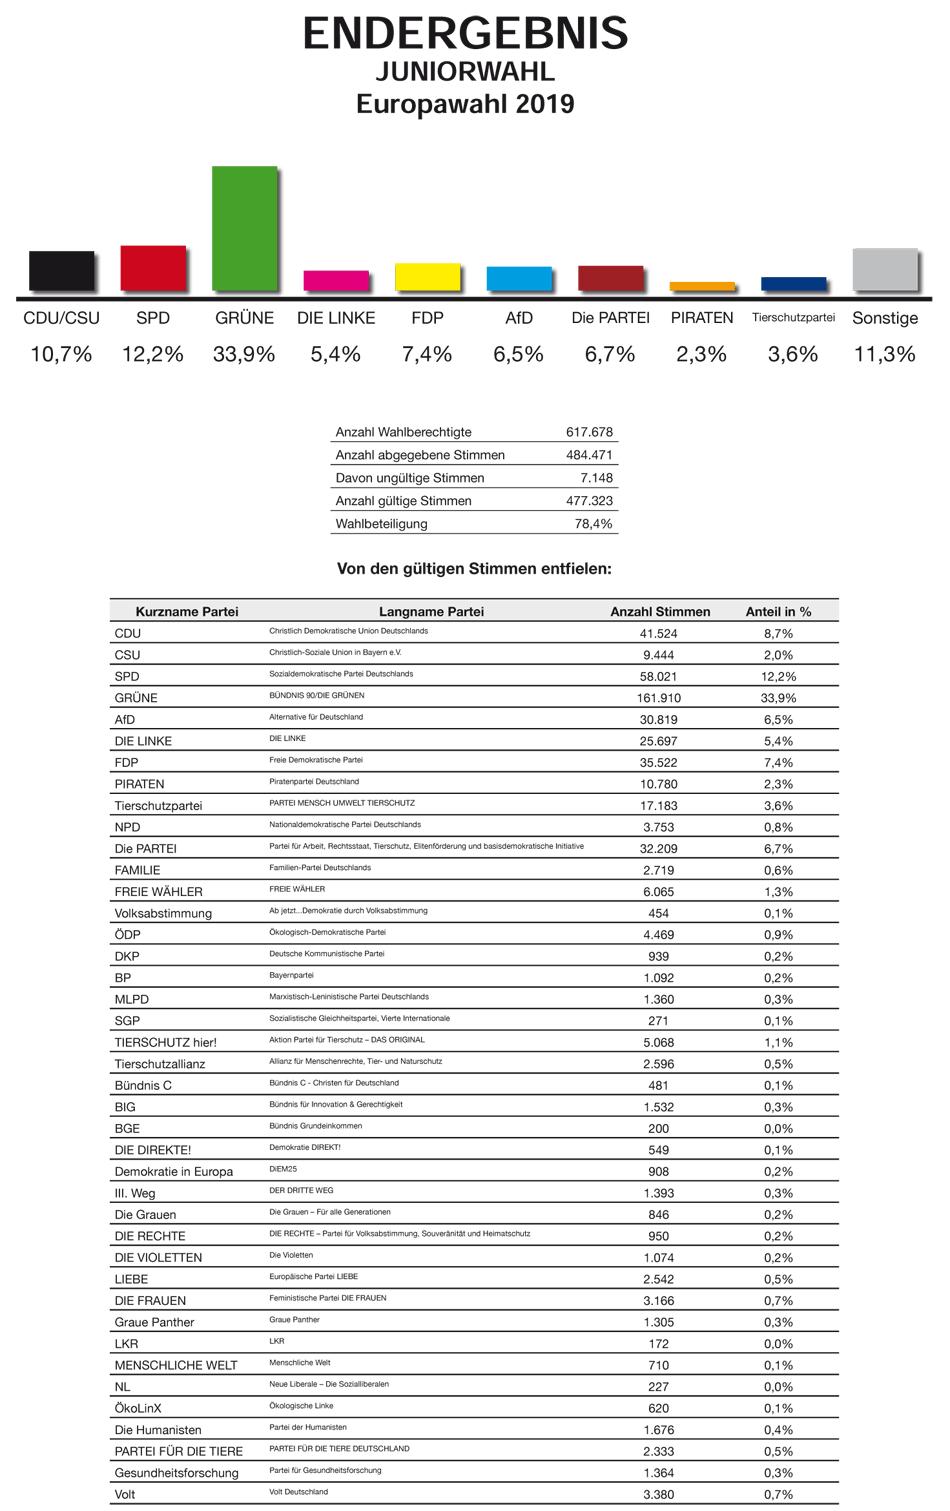 Ergebnis der Juniorwahl 2019 im Bundesgebiet